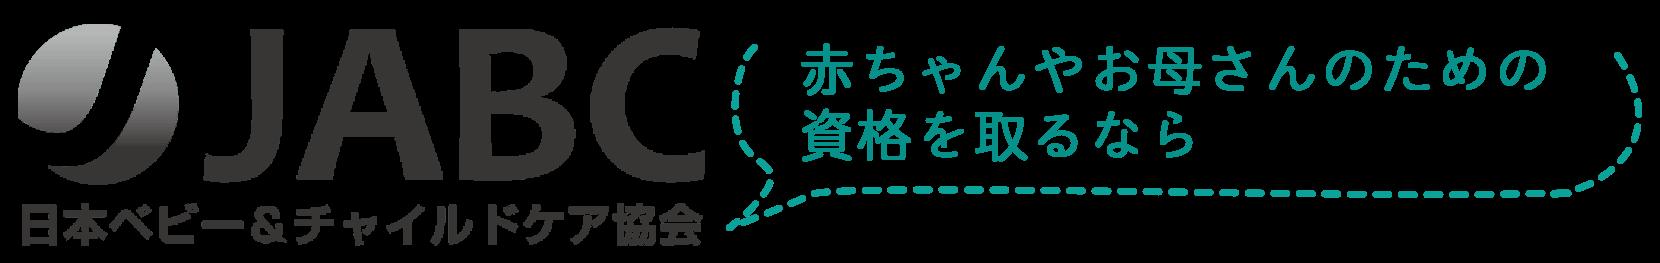 logo-jabc3